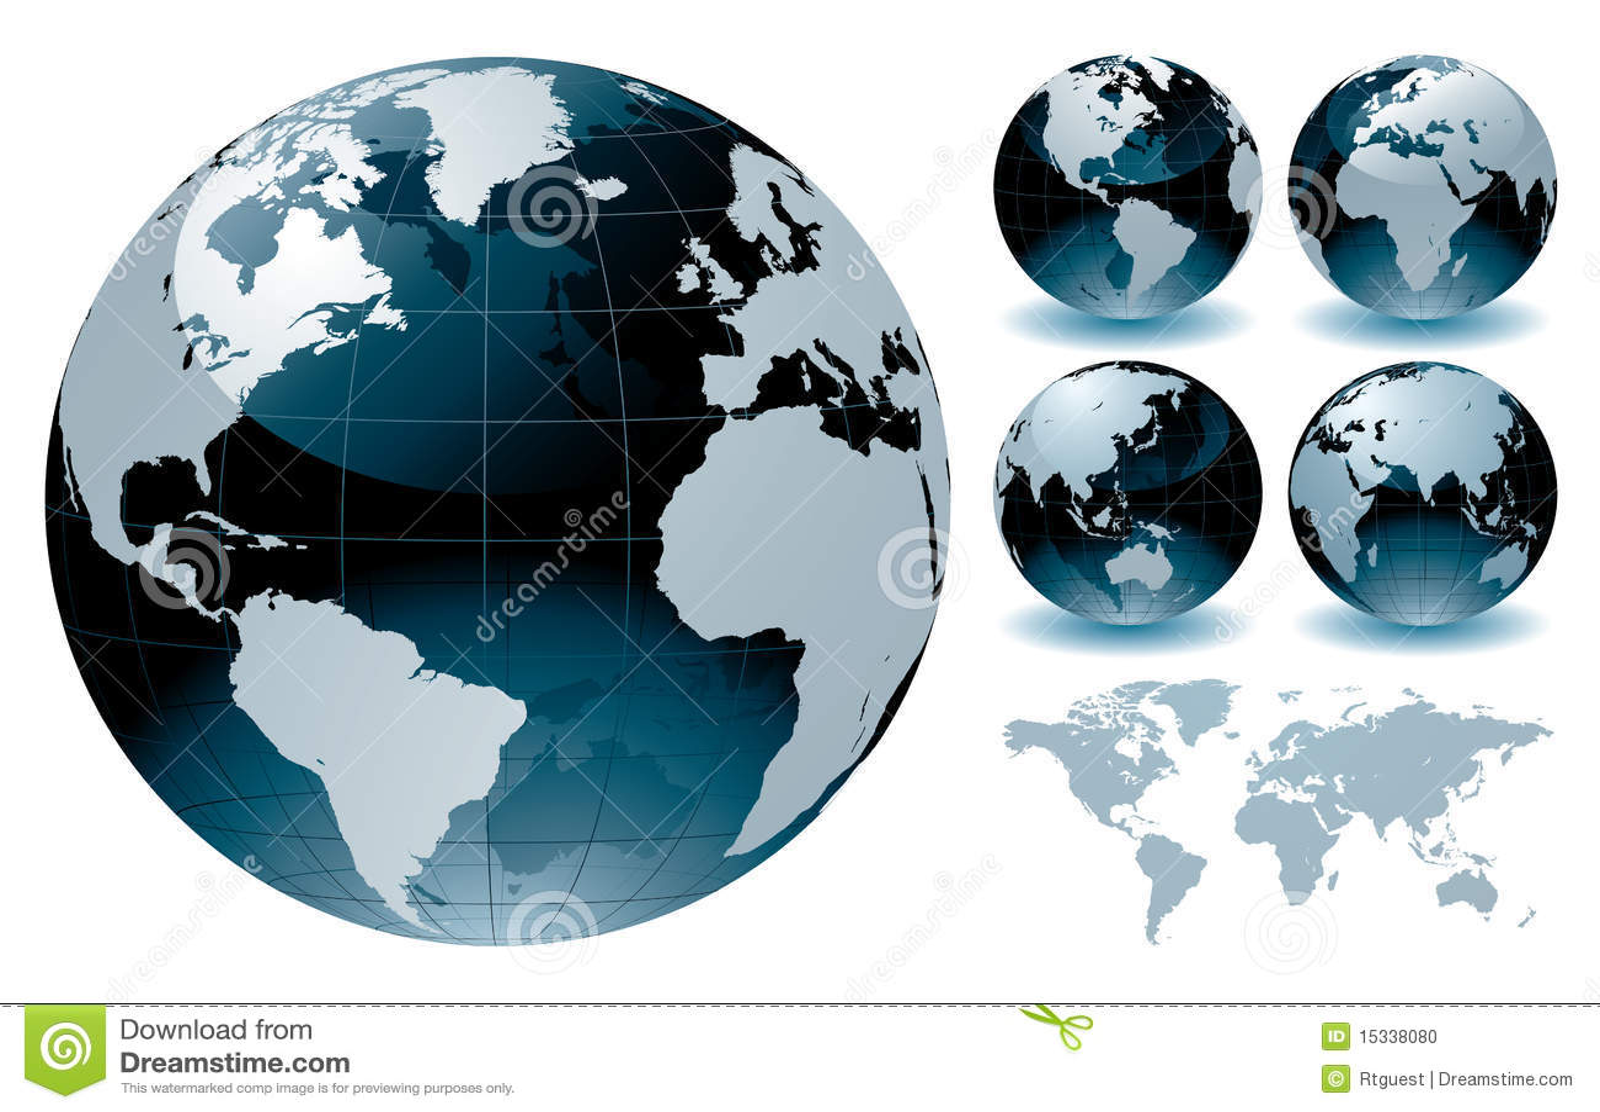 cartes de globe du monde illustration de vecteur illustration du dessin 15338080. Black Bedroom Furniture Sets. Home Design Ideas